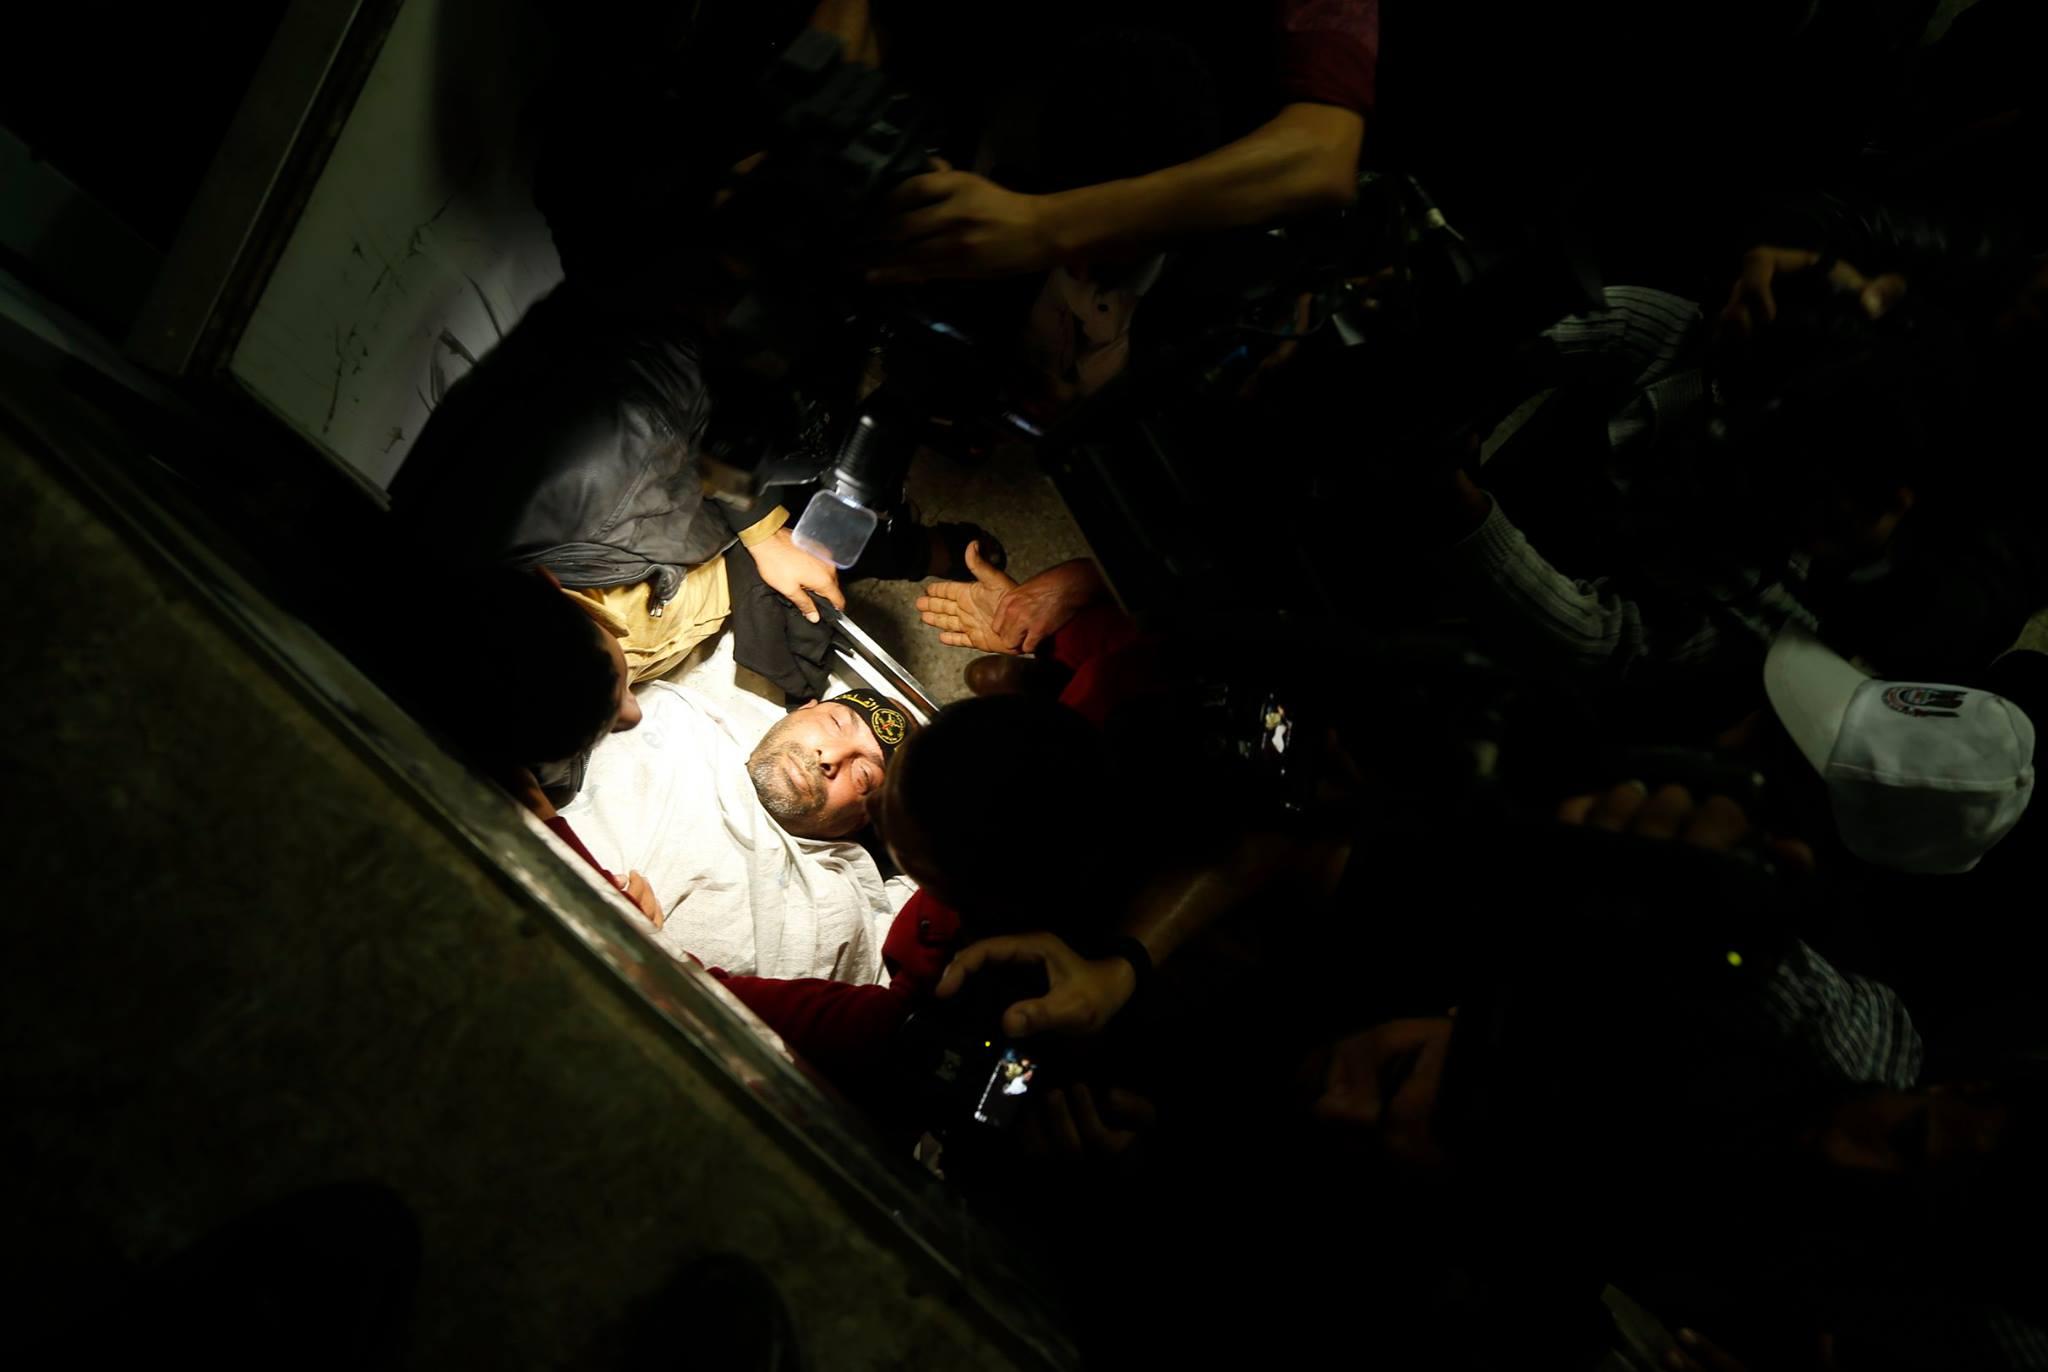 7 شهداء بقصف الاحتلال نفقا للمقاومة وسط القطاع